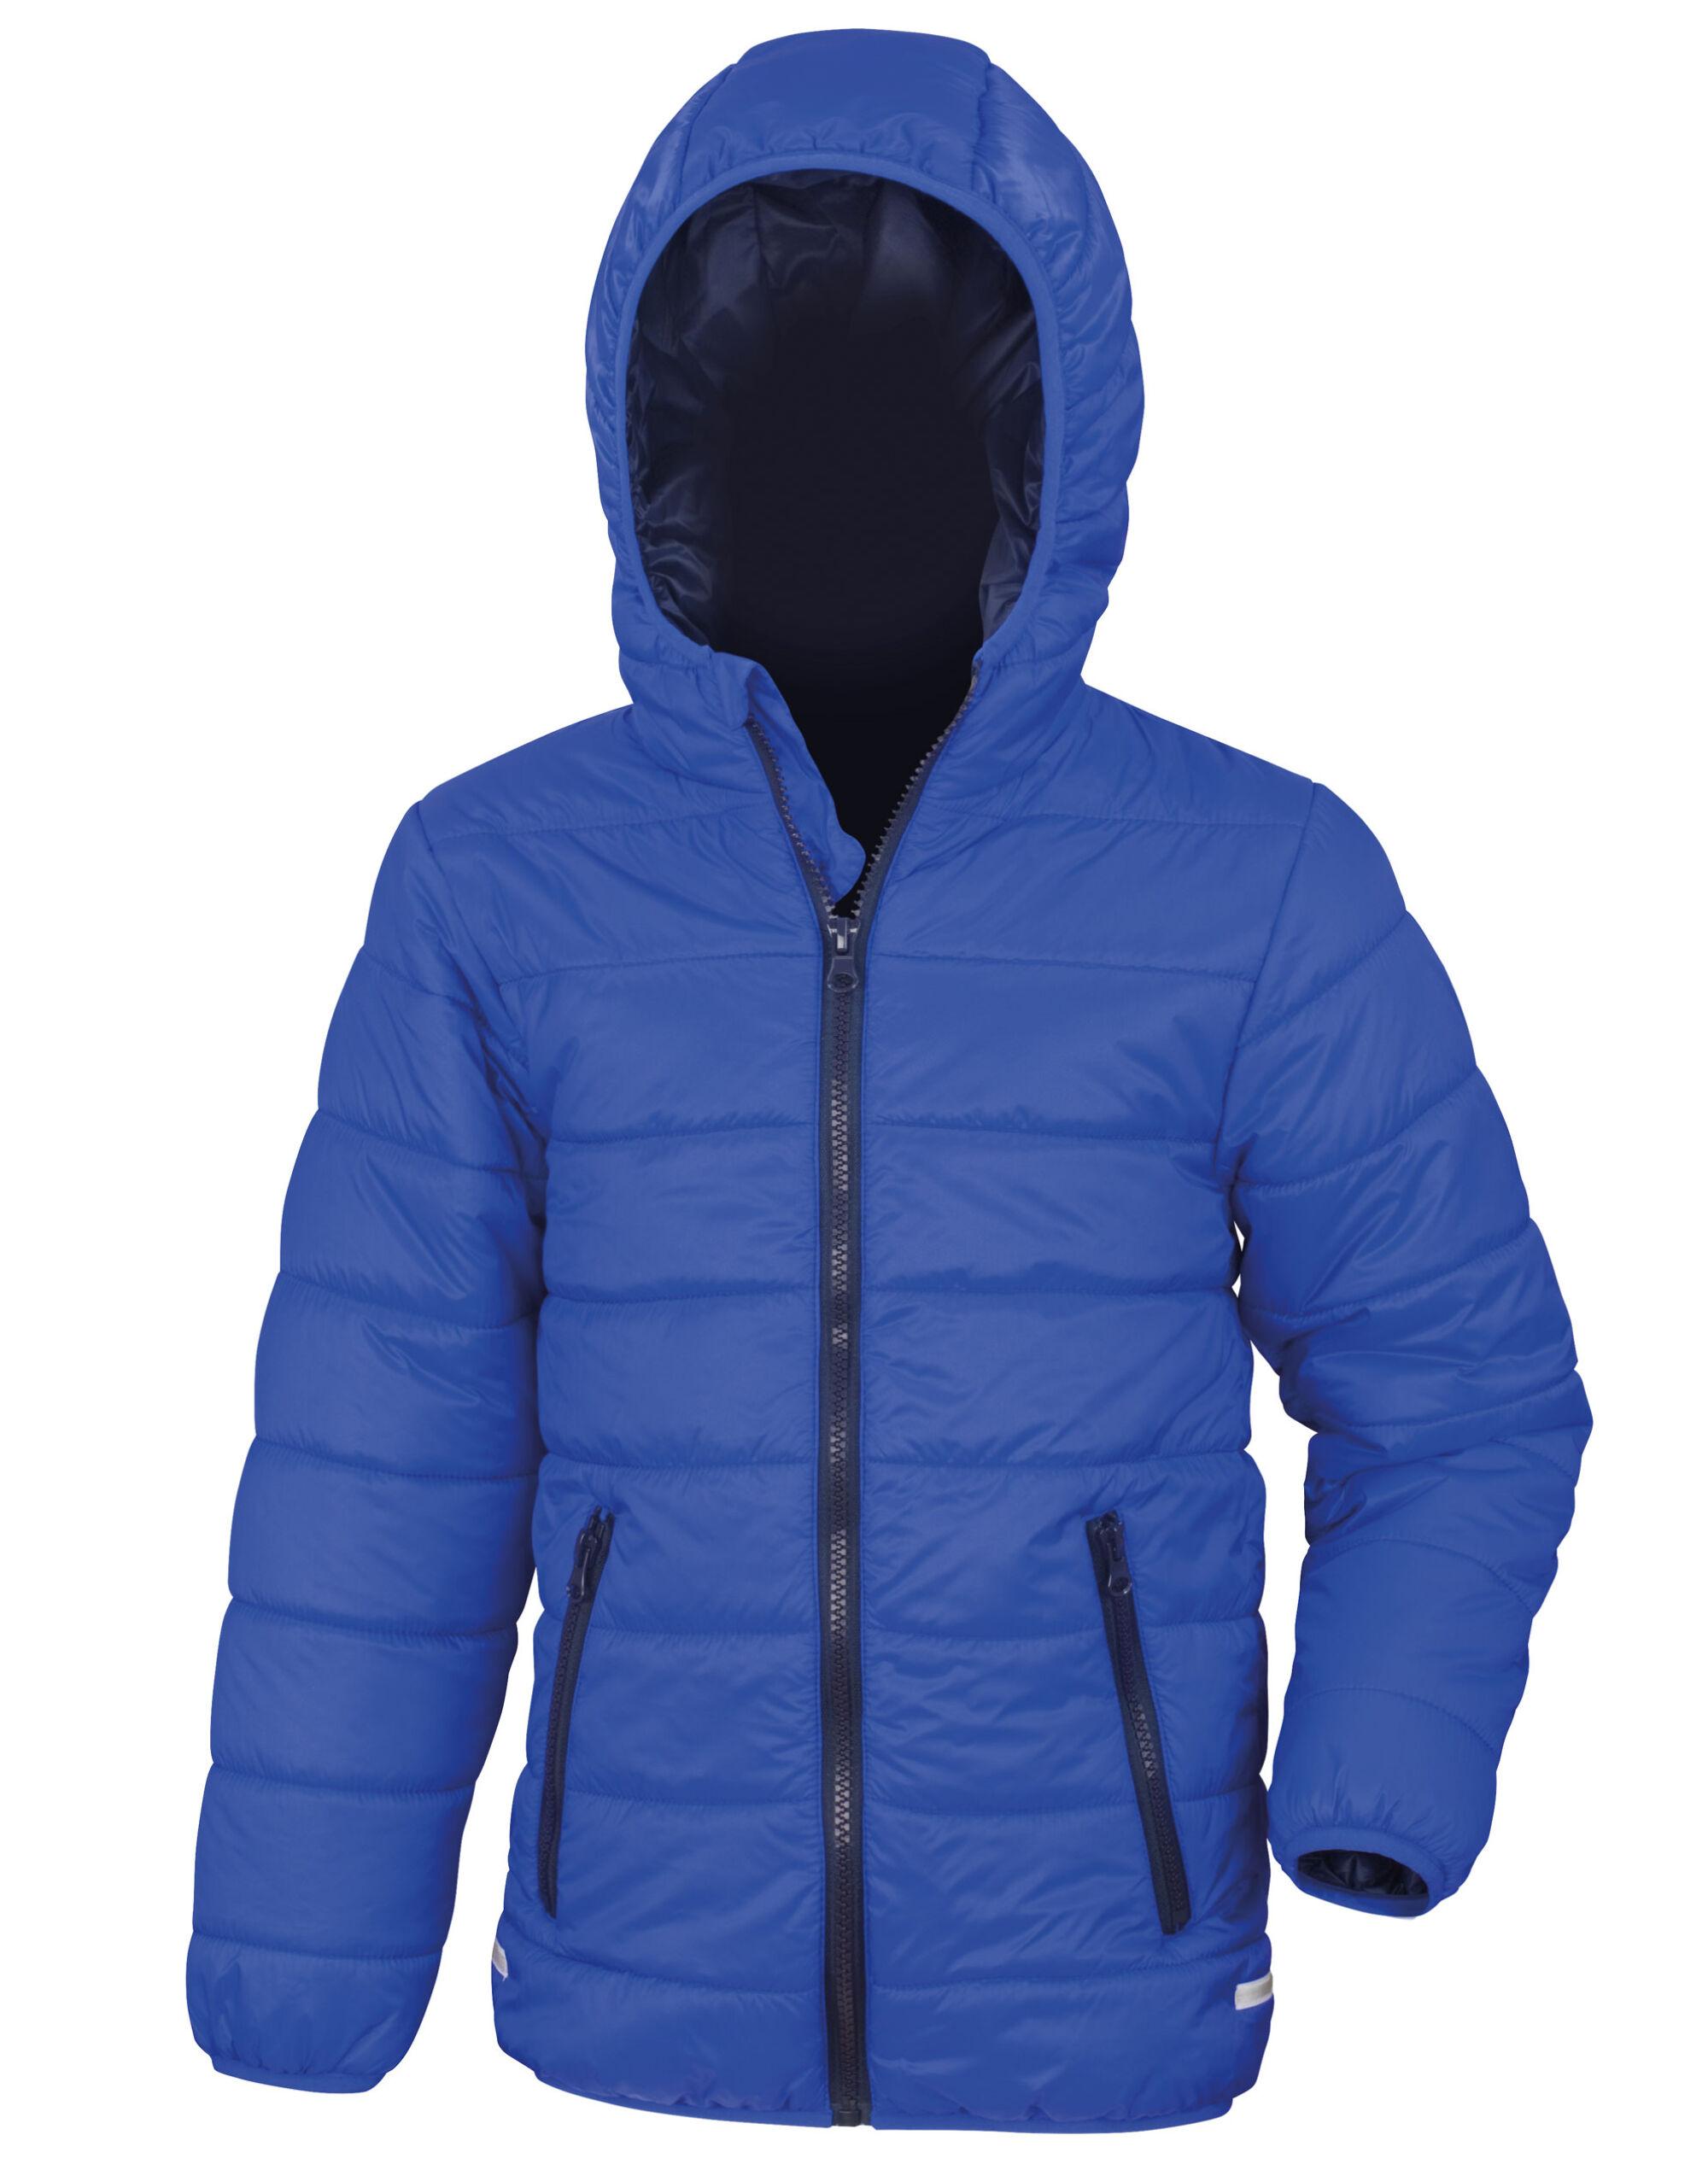 Childs Padded Jacket